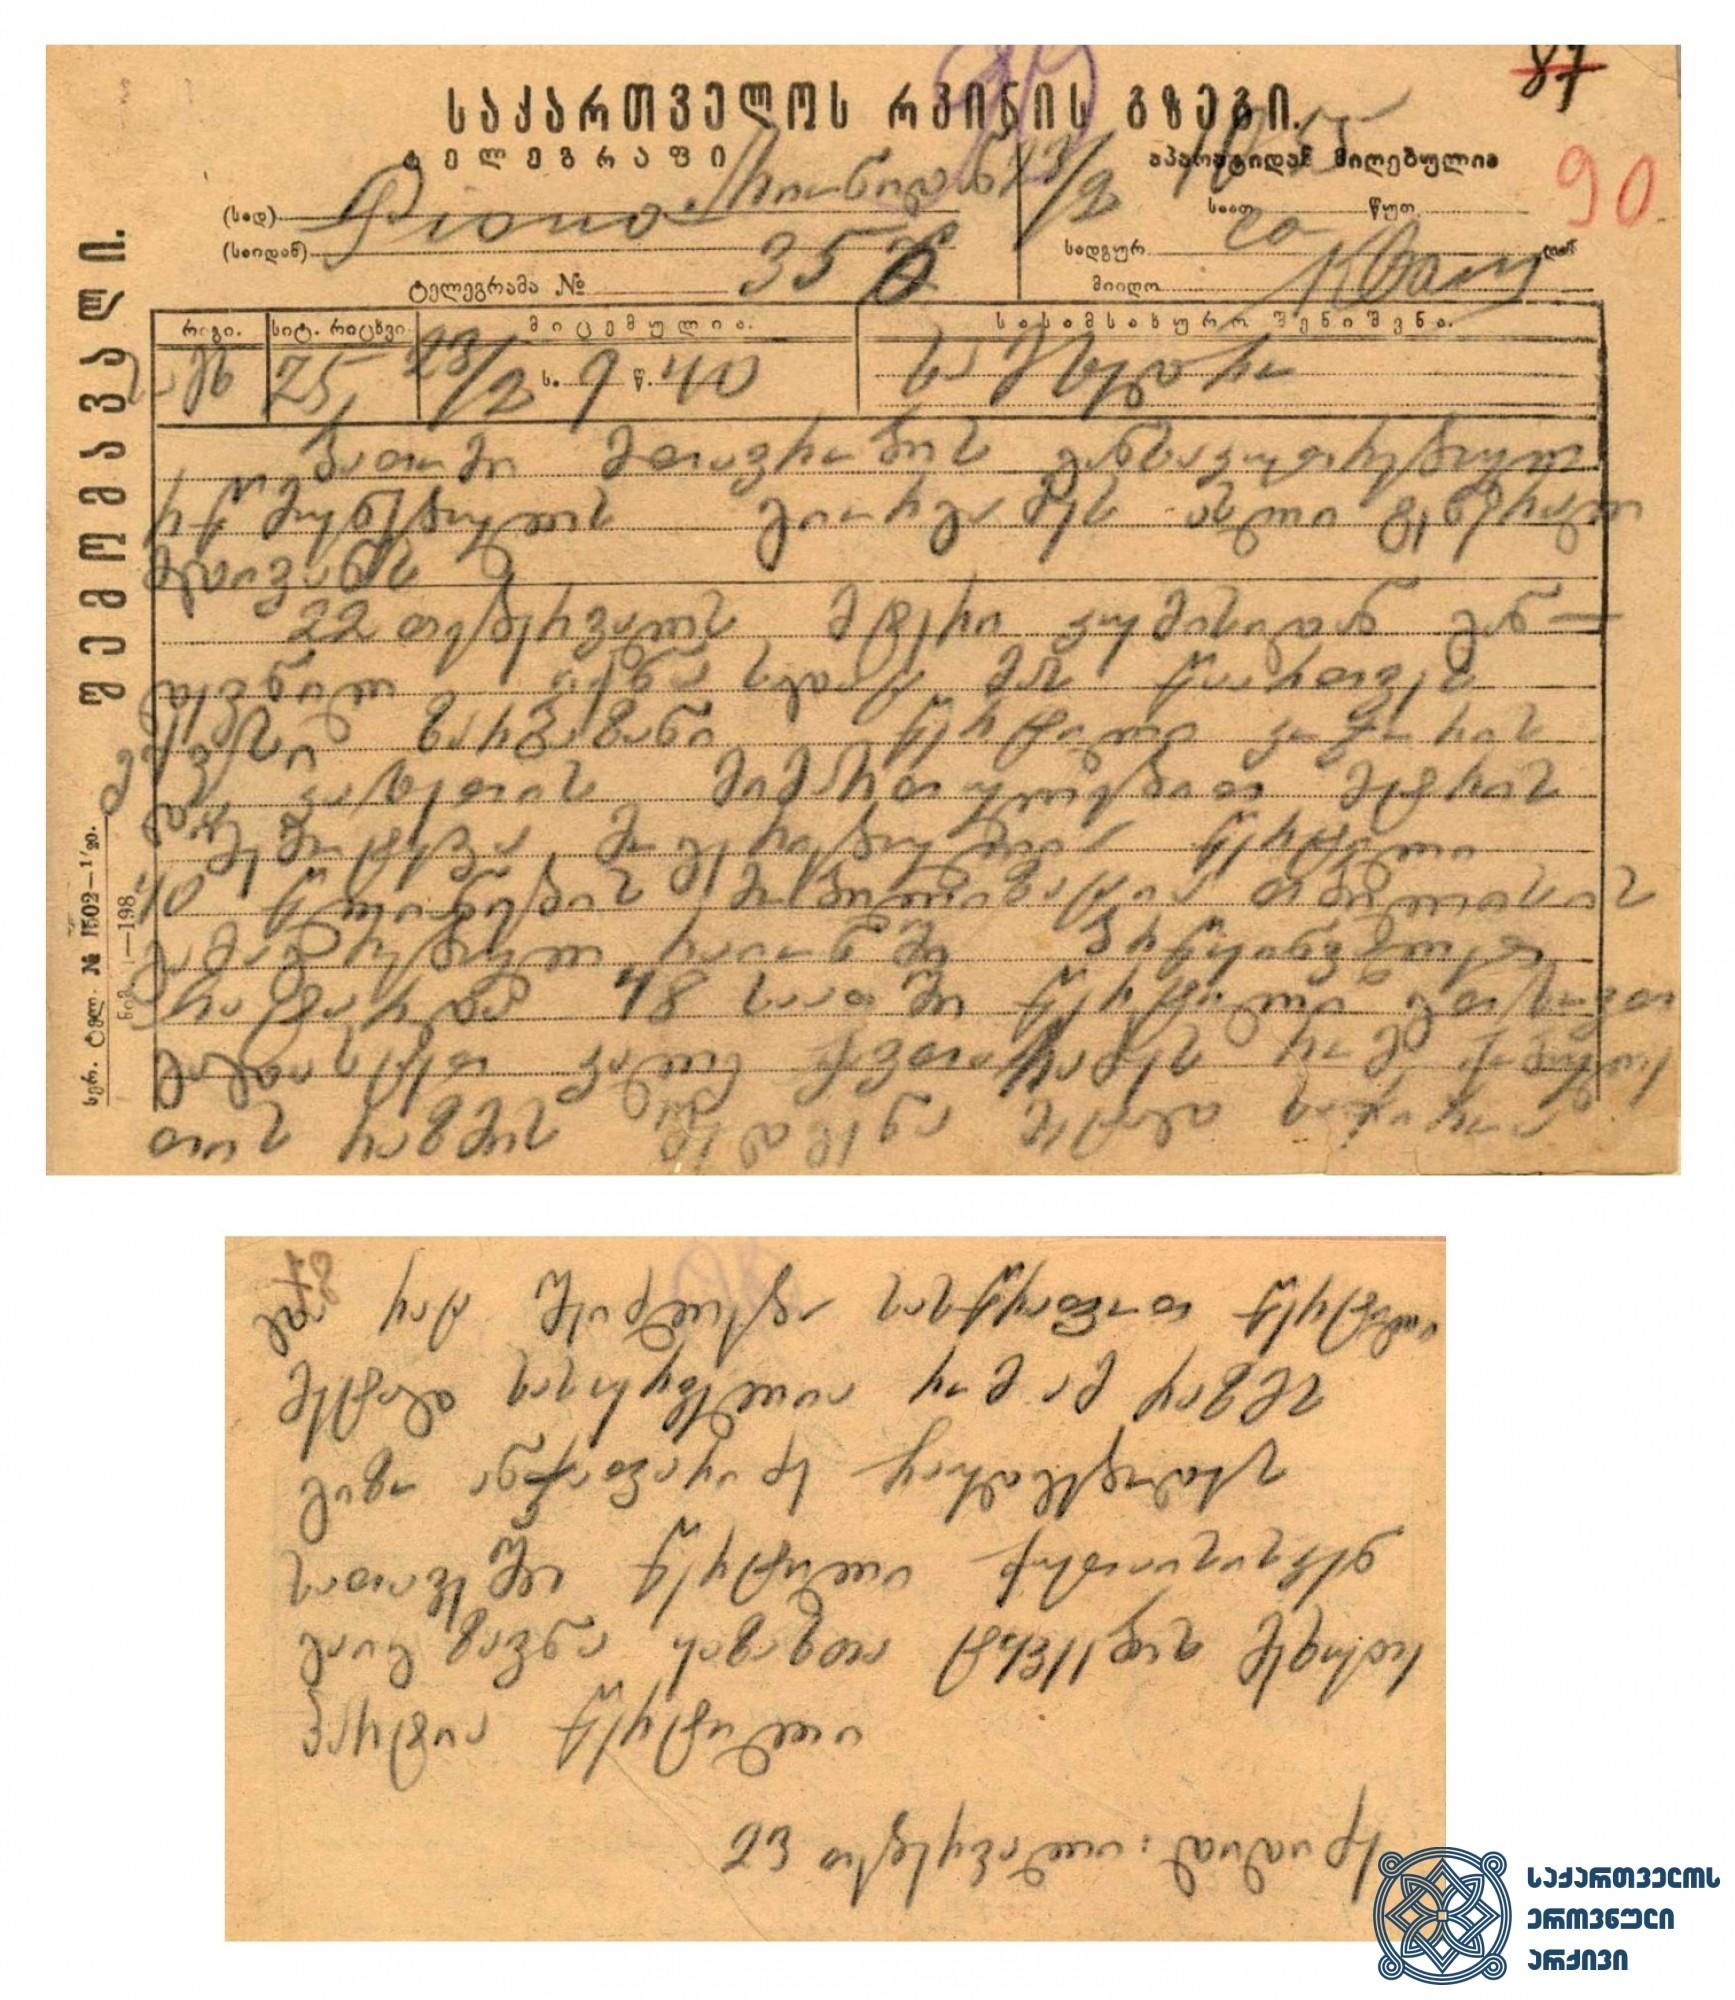 ბათუმში მთავრობის საგანგებო რწმუნებულ გრიგოლ გიორგაძესთან გაგზავნილი სატელეგრაფო შეტყობინება 22 თებერვალს სოფელ კუმისიდან მტრის განდევნისა და 6 ქვემეხის ხელში ჩაგდების შესახებ. <br> 1921 წლის 23 თებერვალი. <br> A telegram sent to Grigol Giorgadze, the Government's Special Envoy in Batumi, about the expulsion of the enemy from the village of Kumisi on February 22 and the seizure of 6 cannons. <br> February 23, 1921.